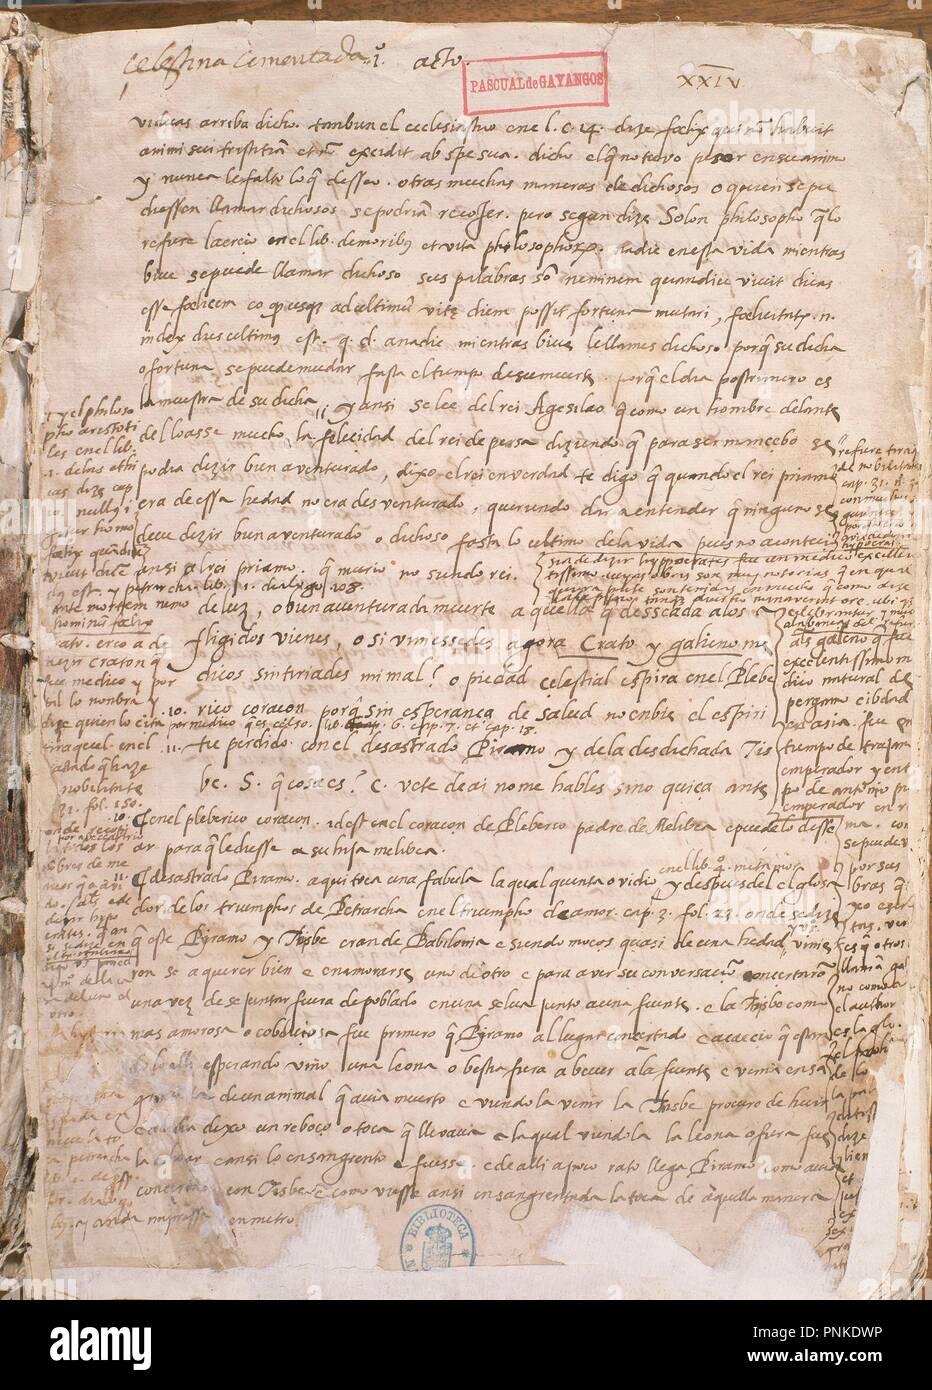 PRIMERA PAGINA DE LA CELESTINA. Author: ROJAS FERNANDO DE. Location: BIBLIOTECA NACIONAL-COLECCION. MADRID. SPAIN. - Stock Image